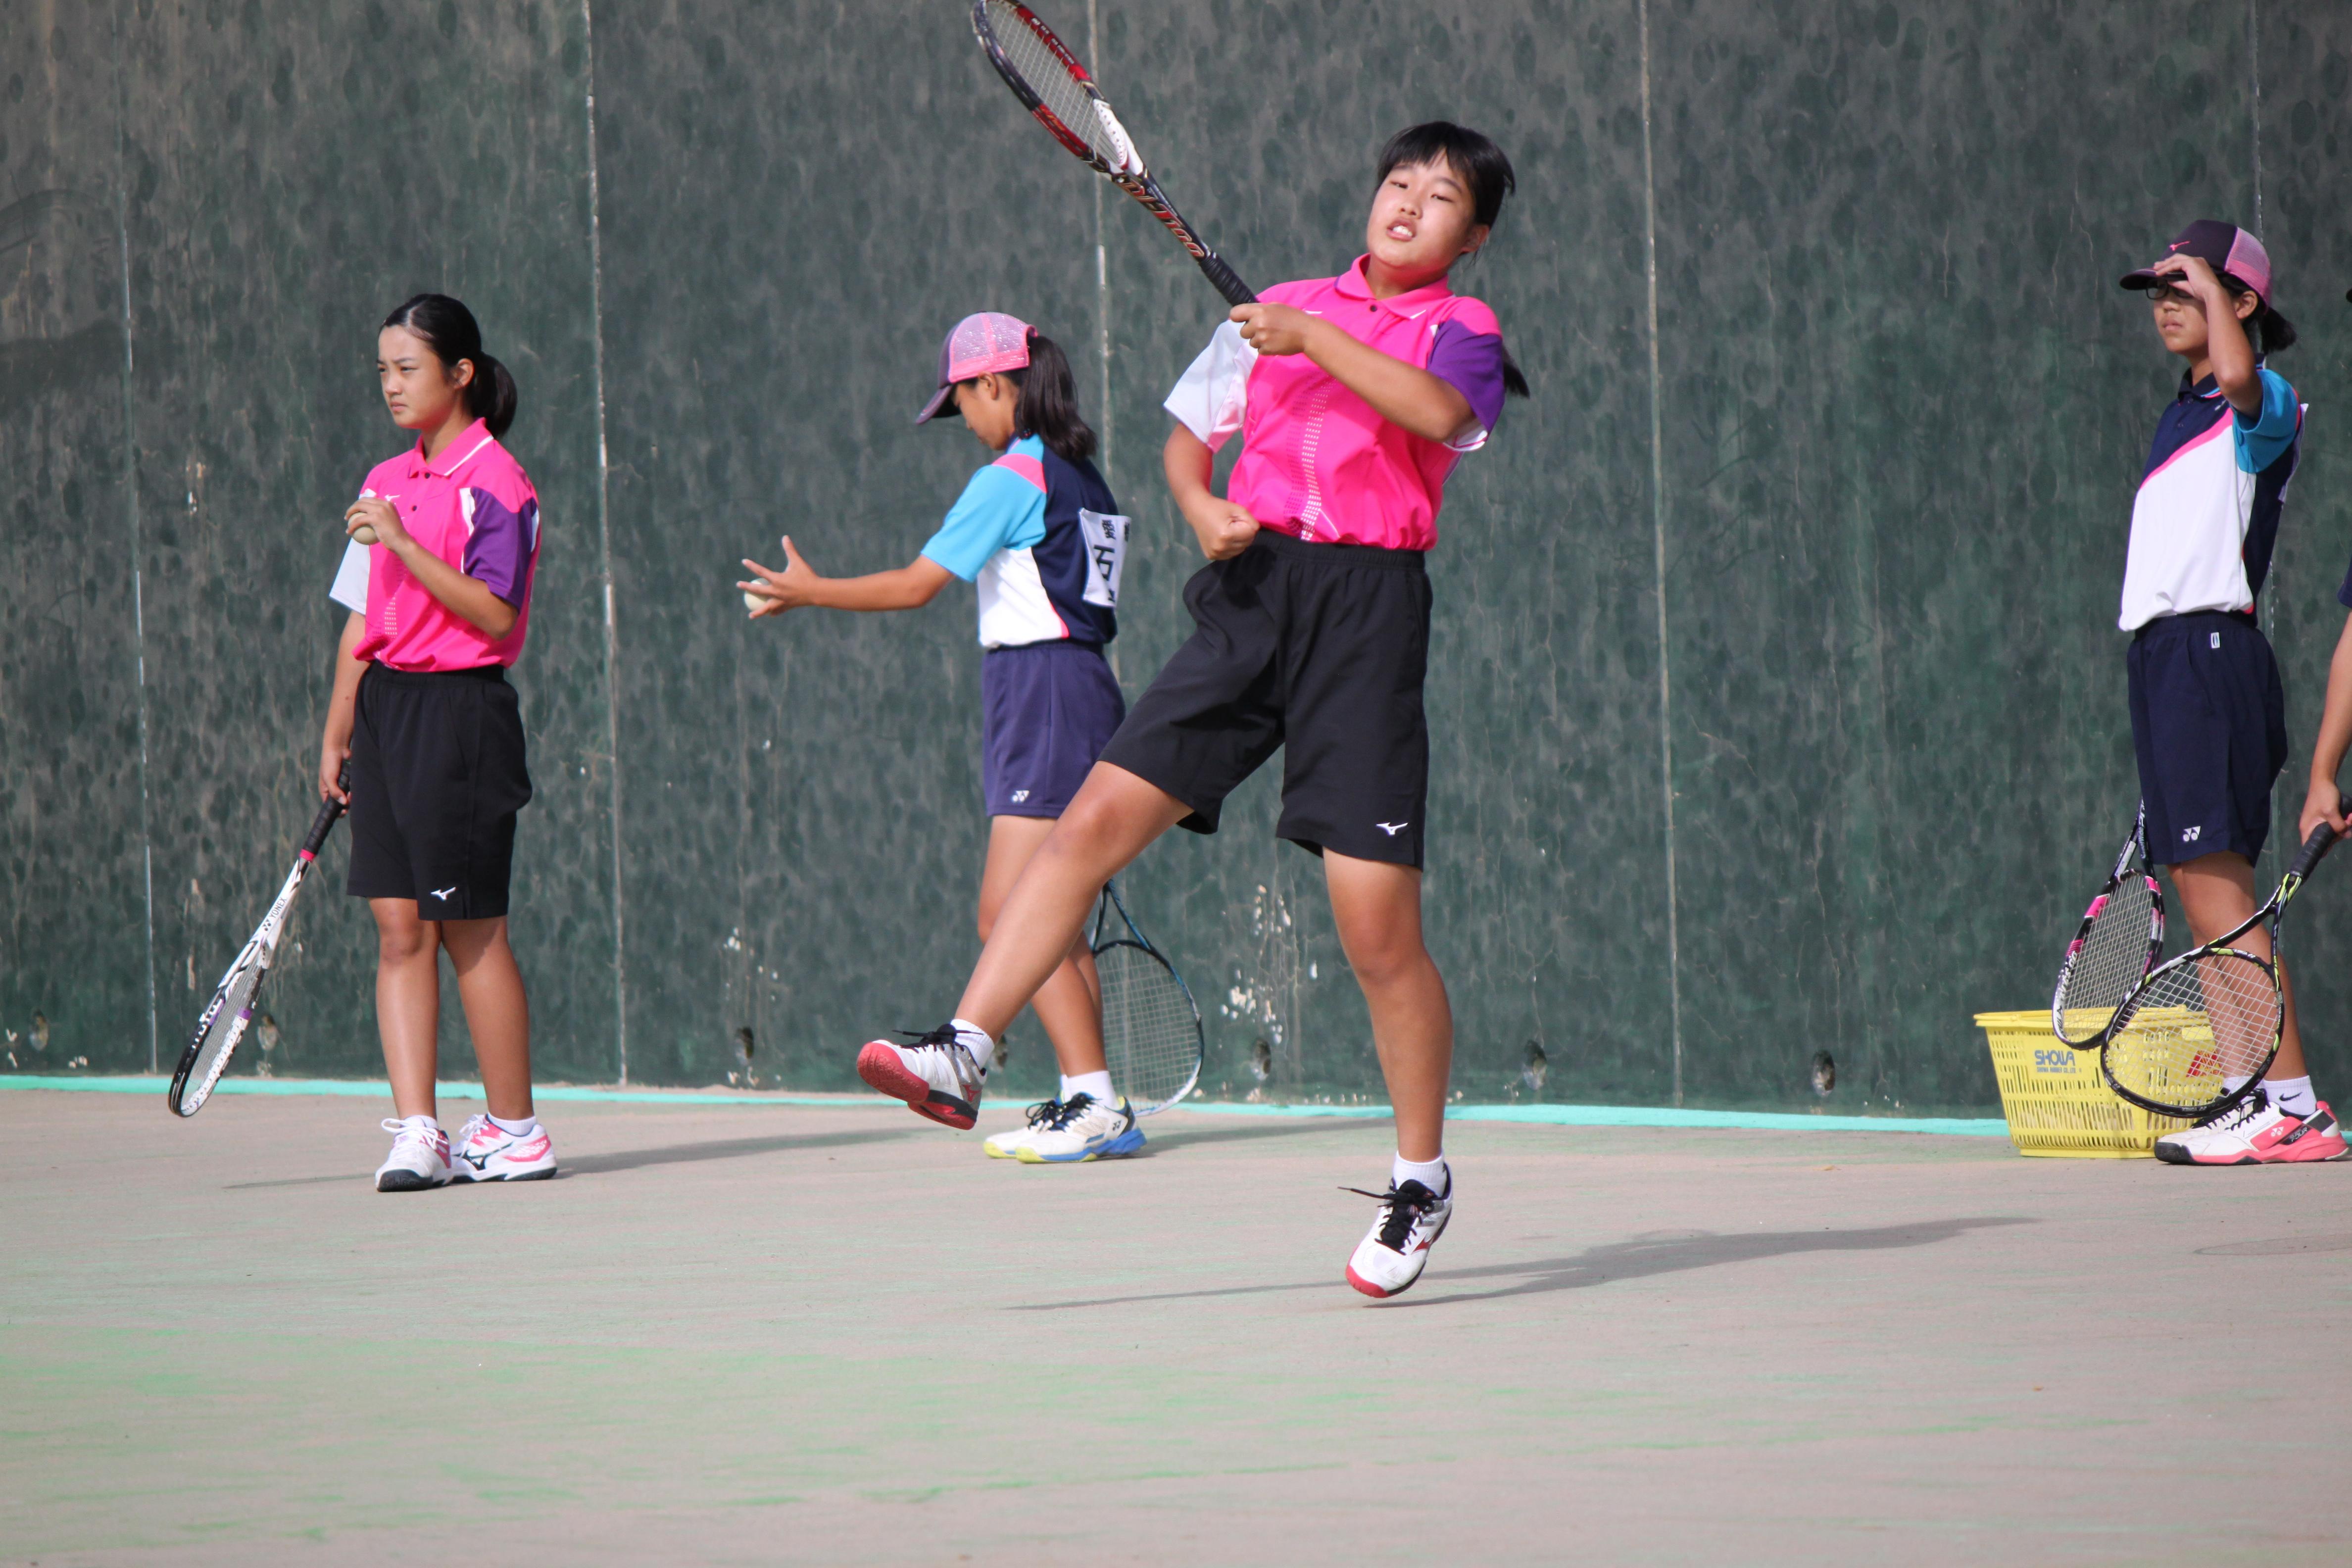 ソフトテニス (25)